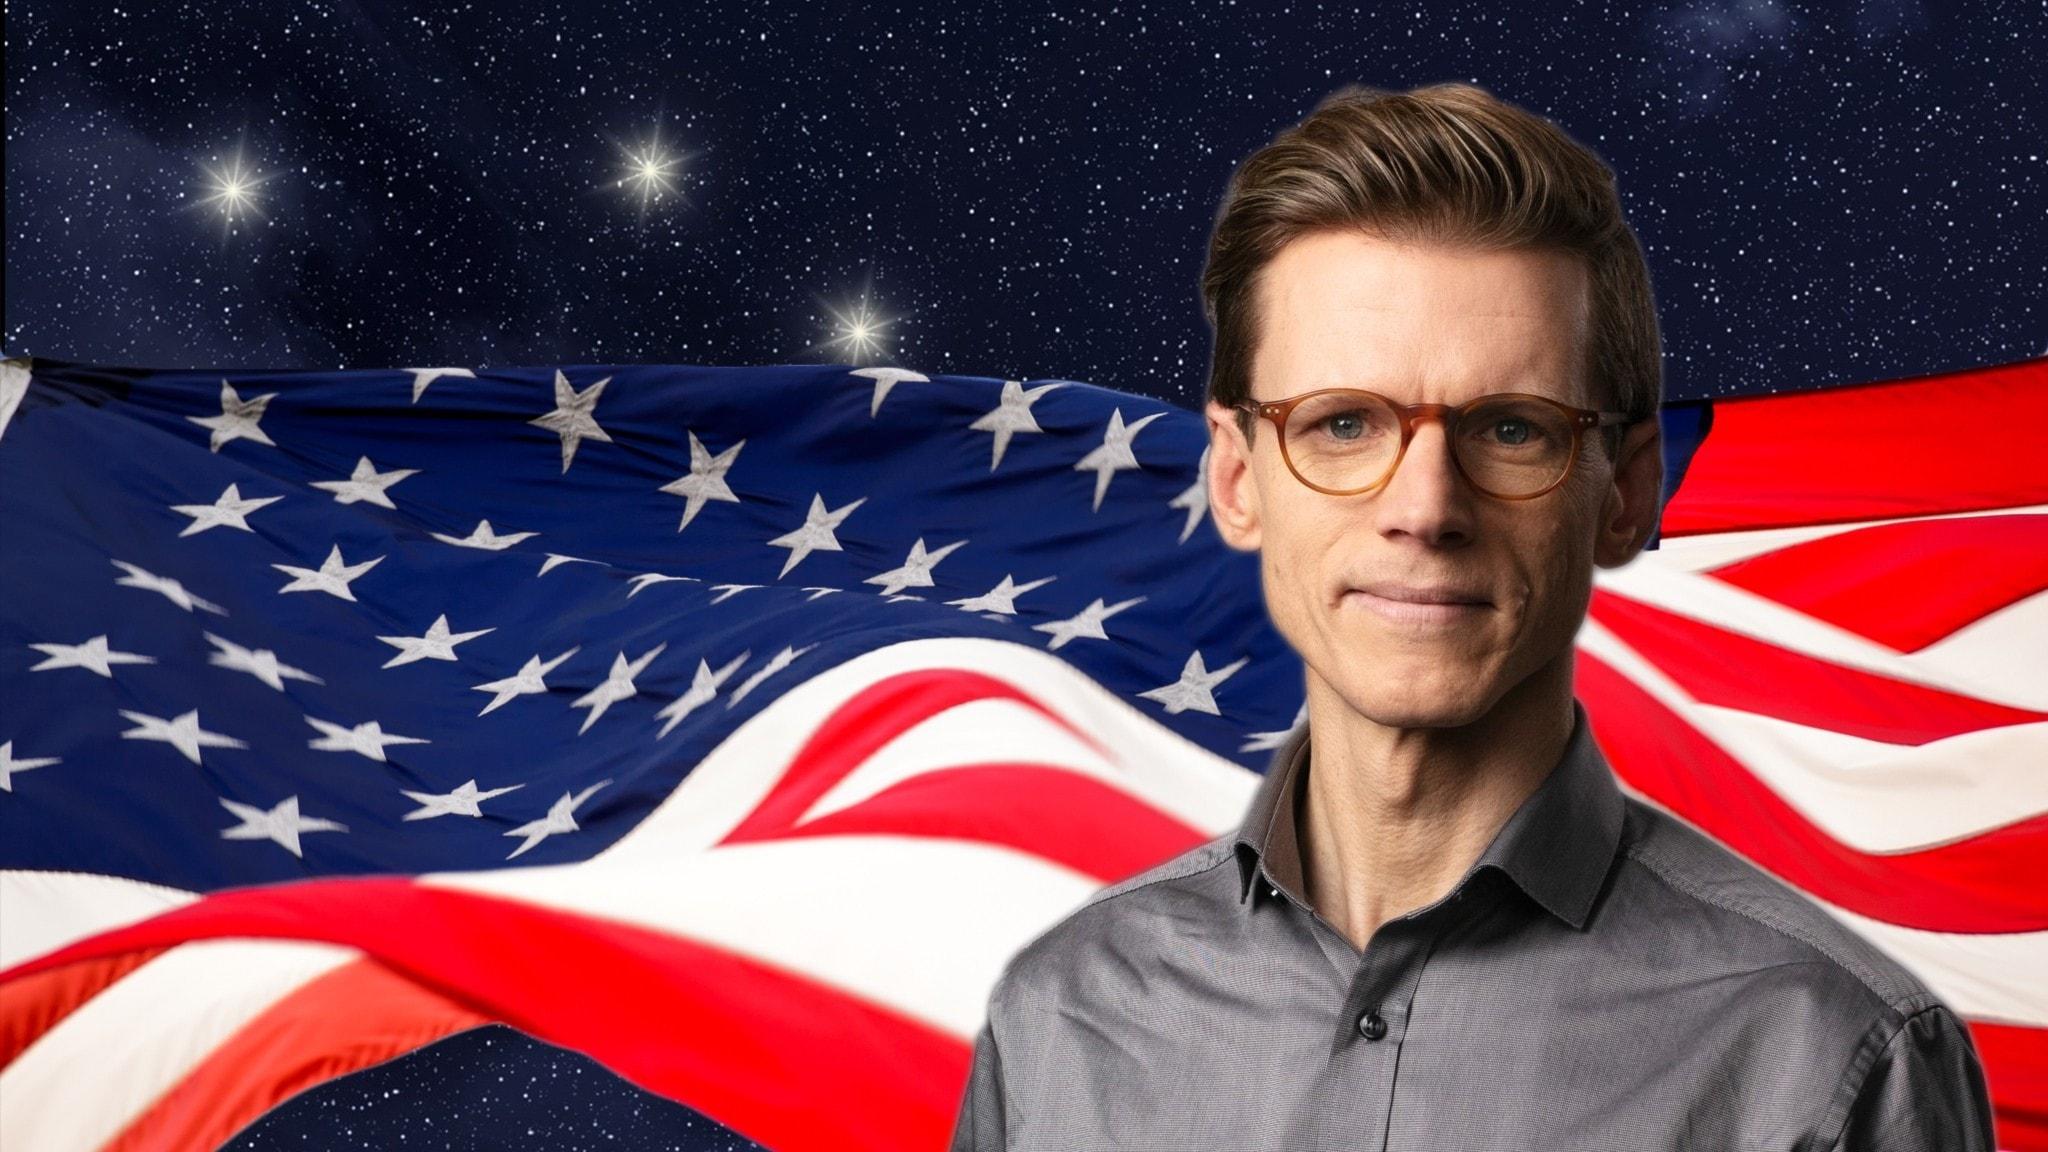 I förgrunden programledare Johan Signert, i bakgrunden USA:s flagga mot en stjärnhimmel.